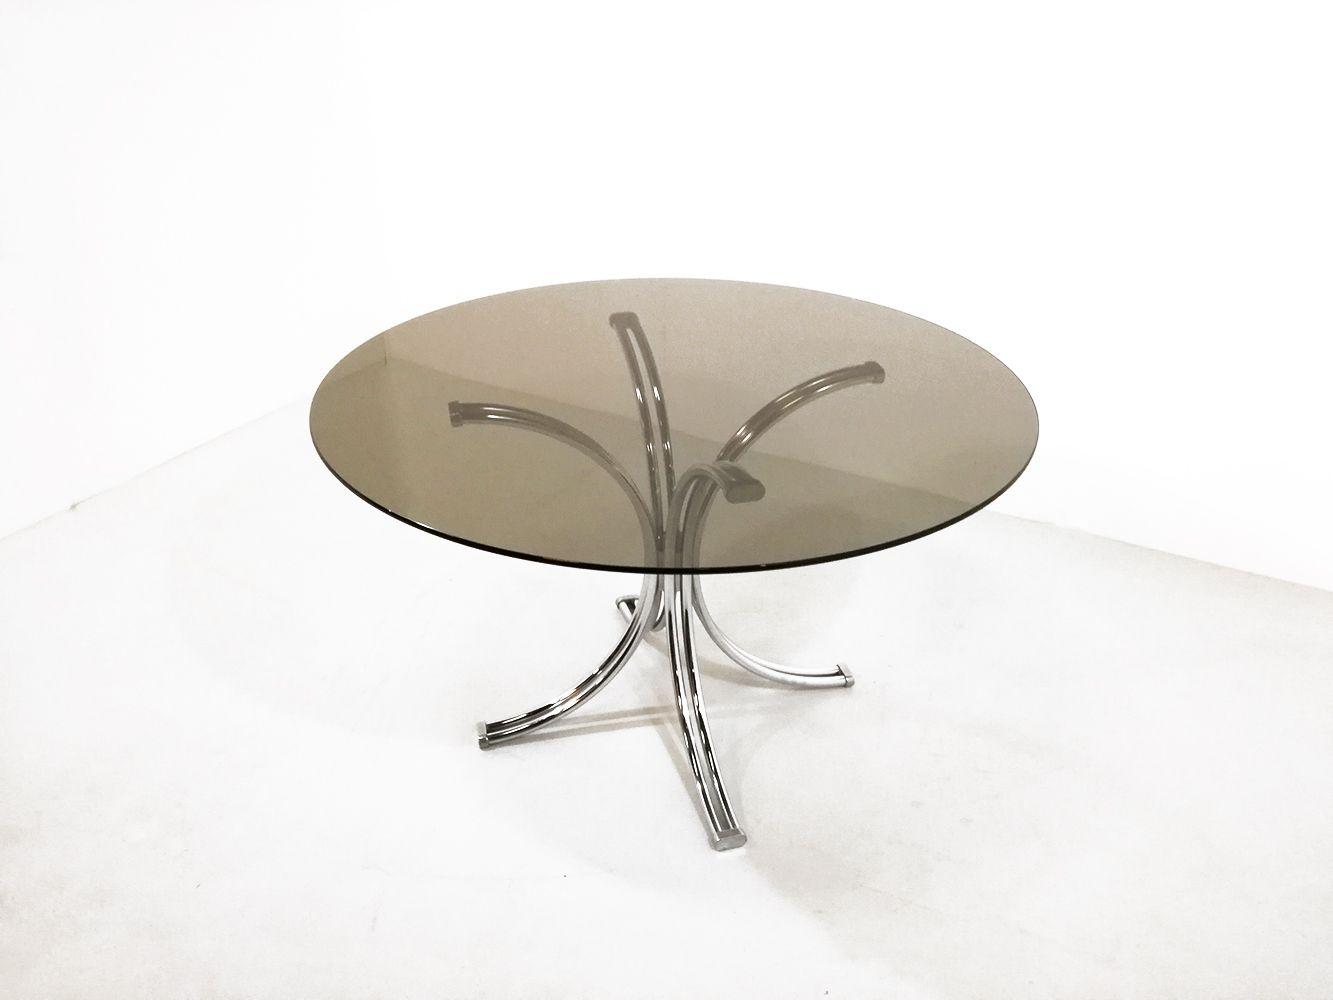 runder esstisch mit rauchglas tischplatte 1970 bei pamono kaufen. Black Bedroom Furniture Sets. Home Design Ideas